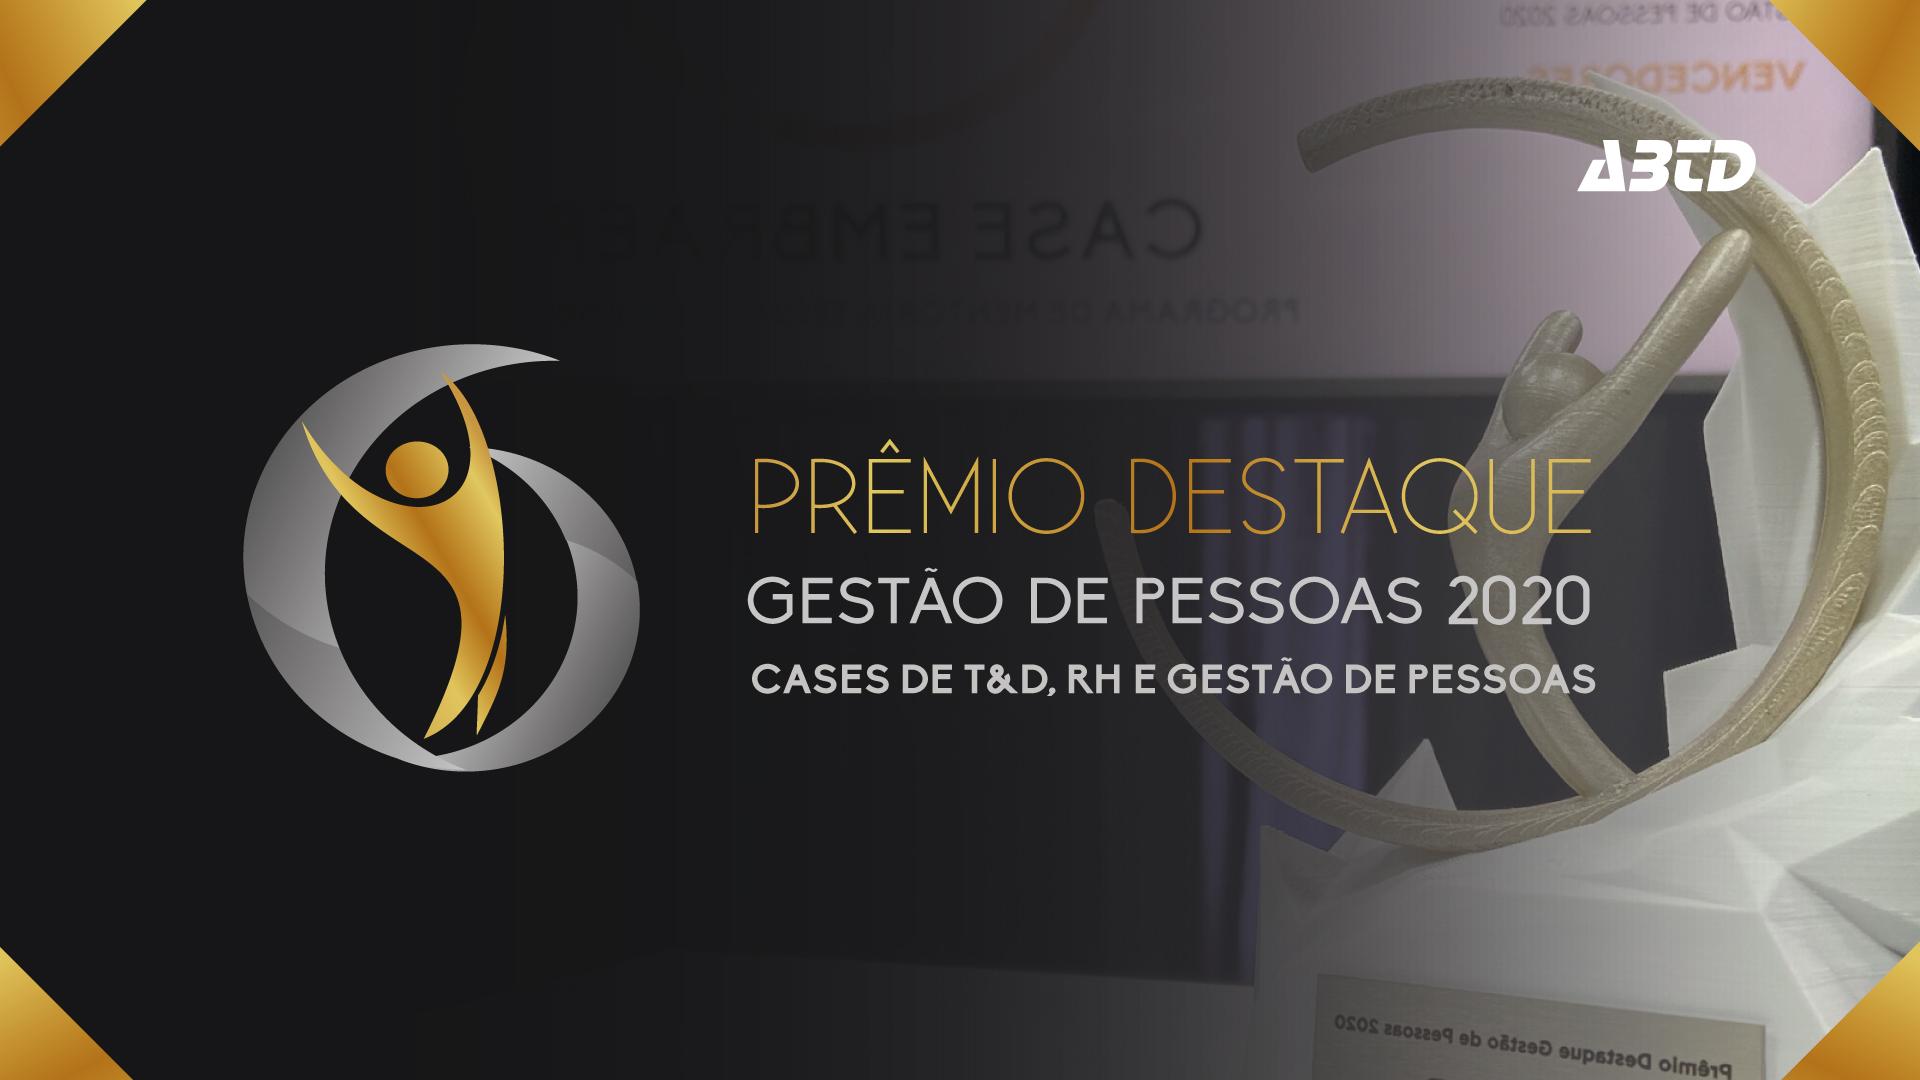 Prêmio Destaque Gestão de Pessoas - Envie seu case